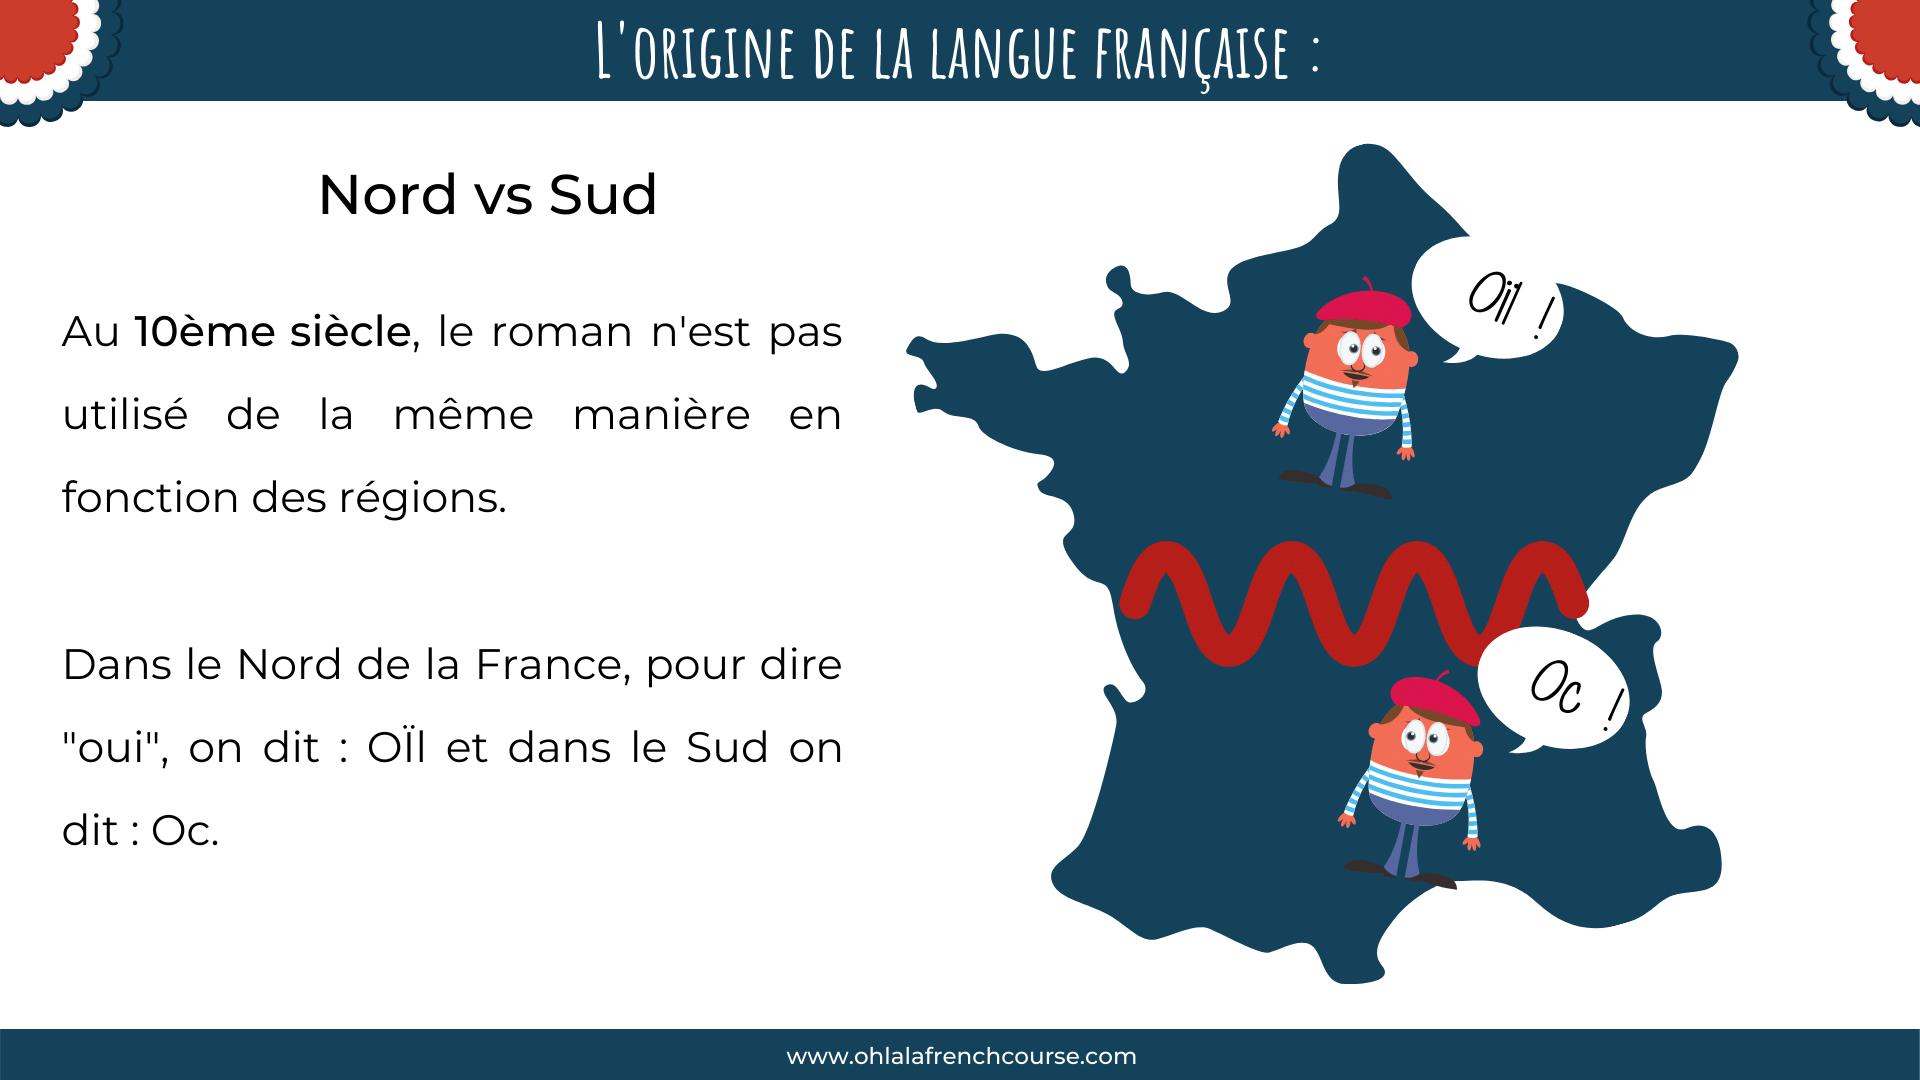 Nord vs Sud